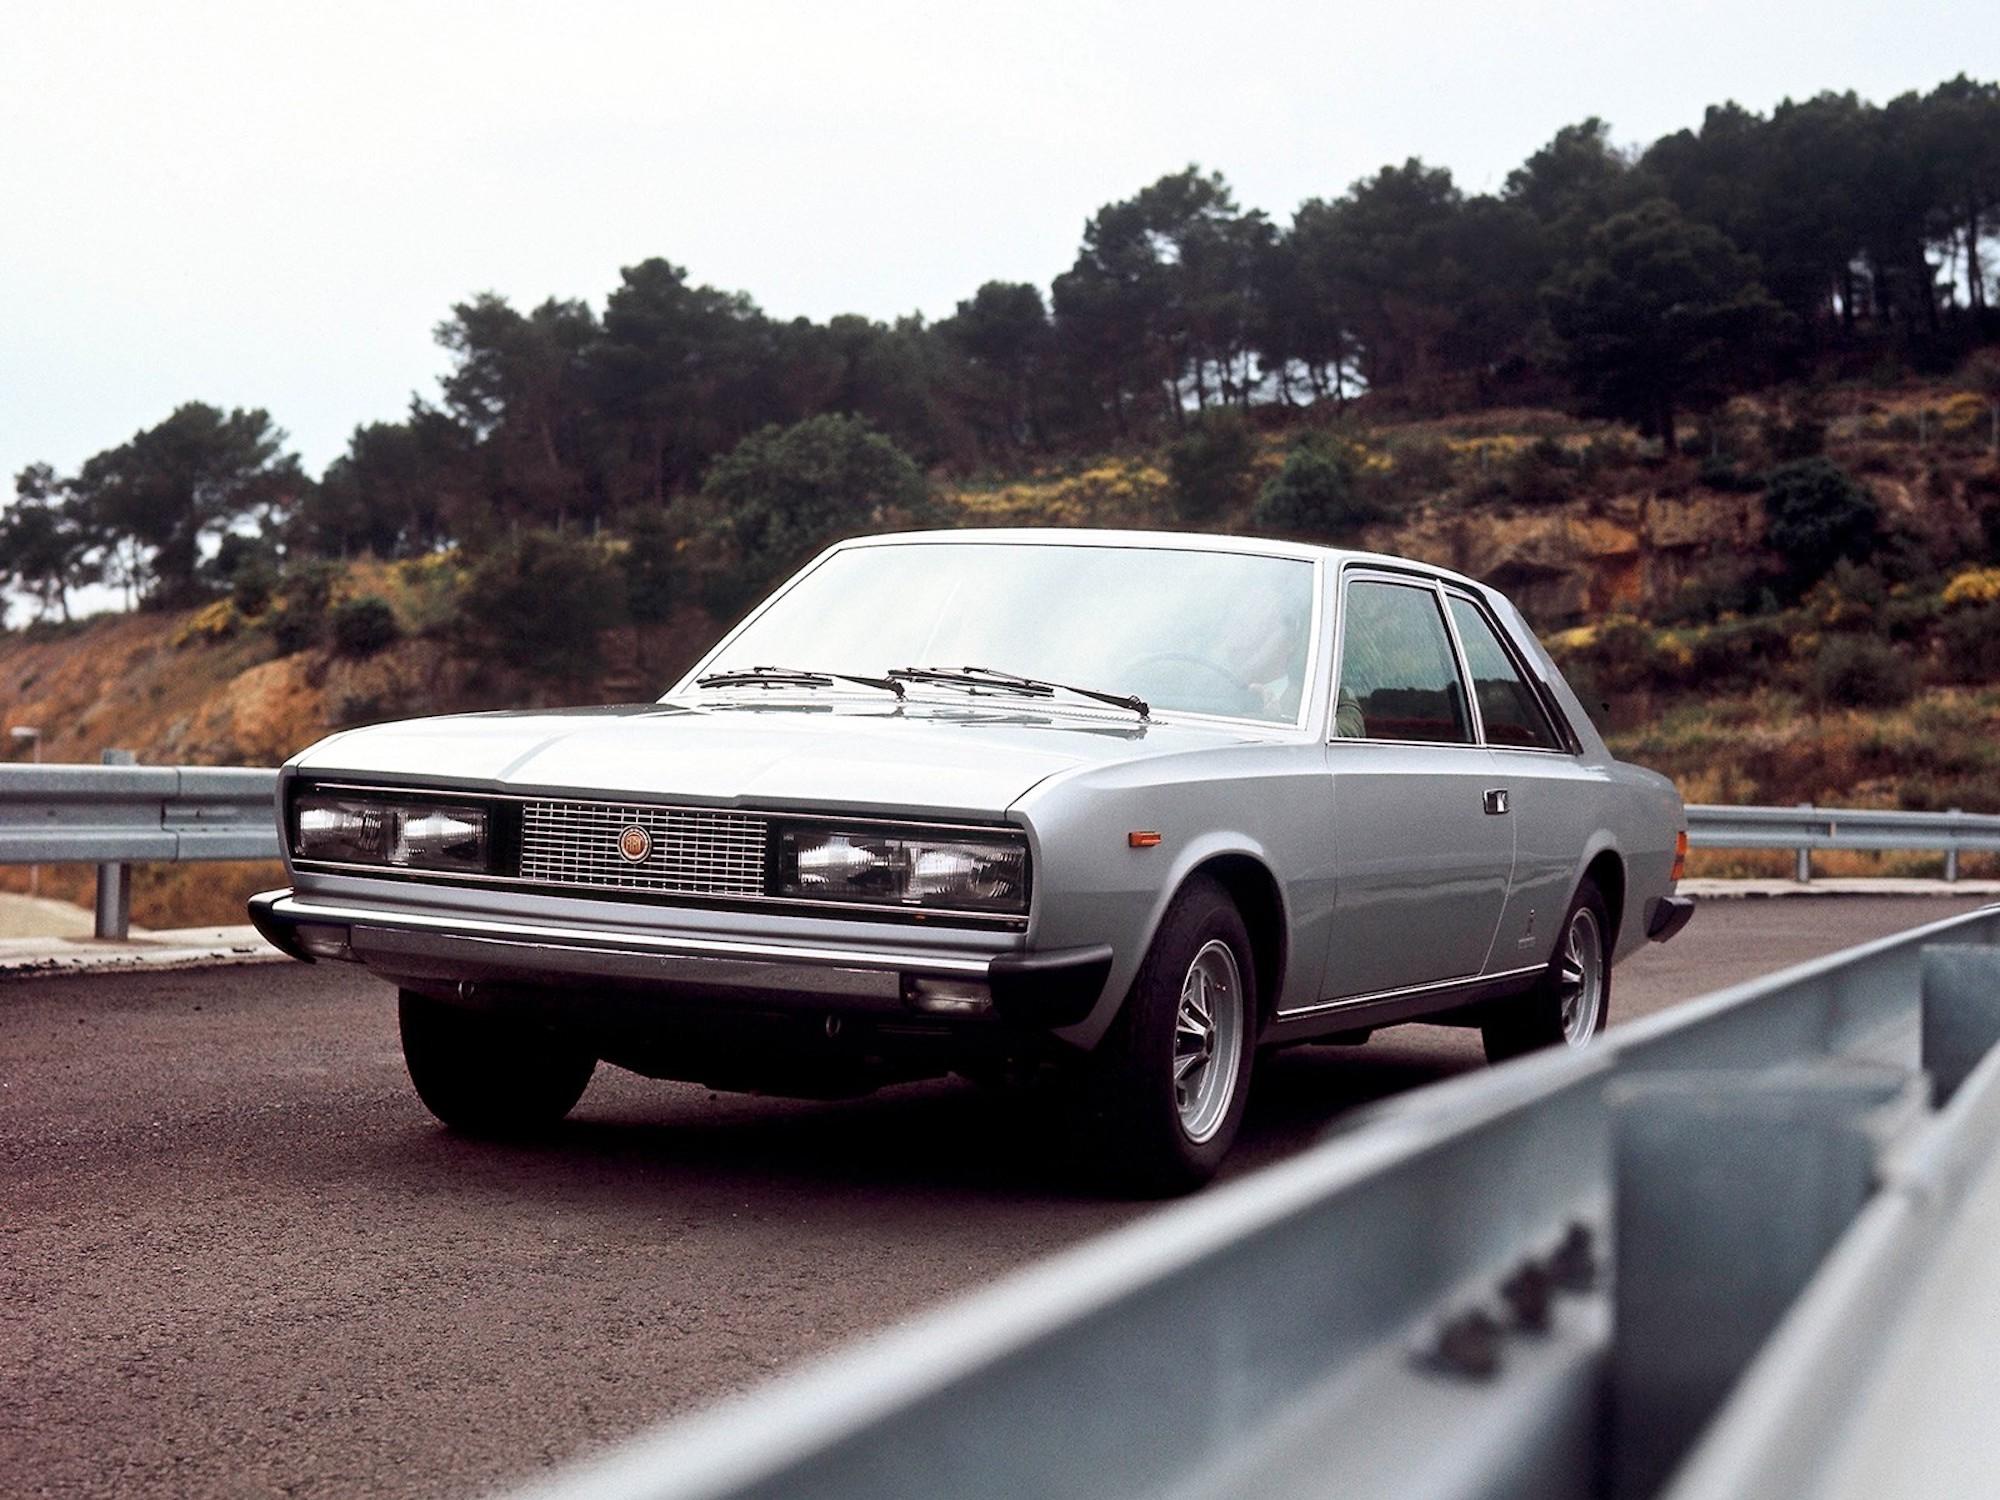 Fiat 130 Coupé V6 3200 1971-77